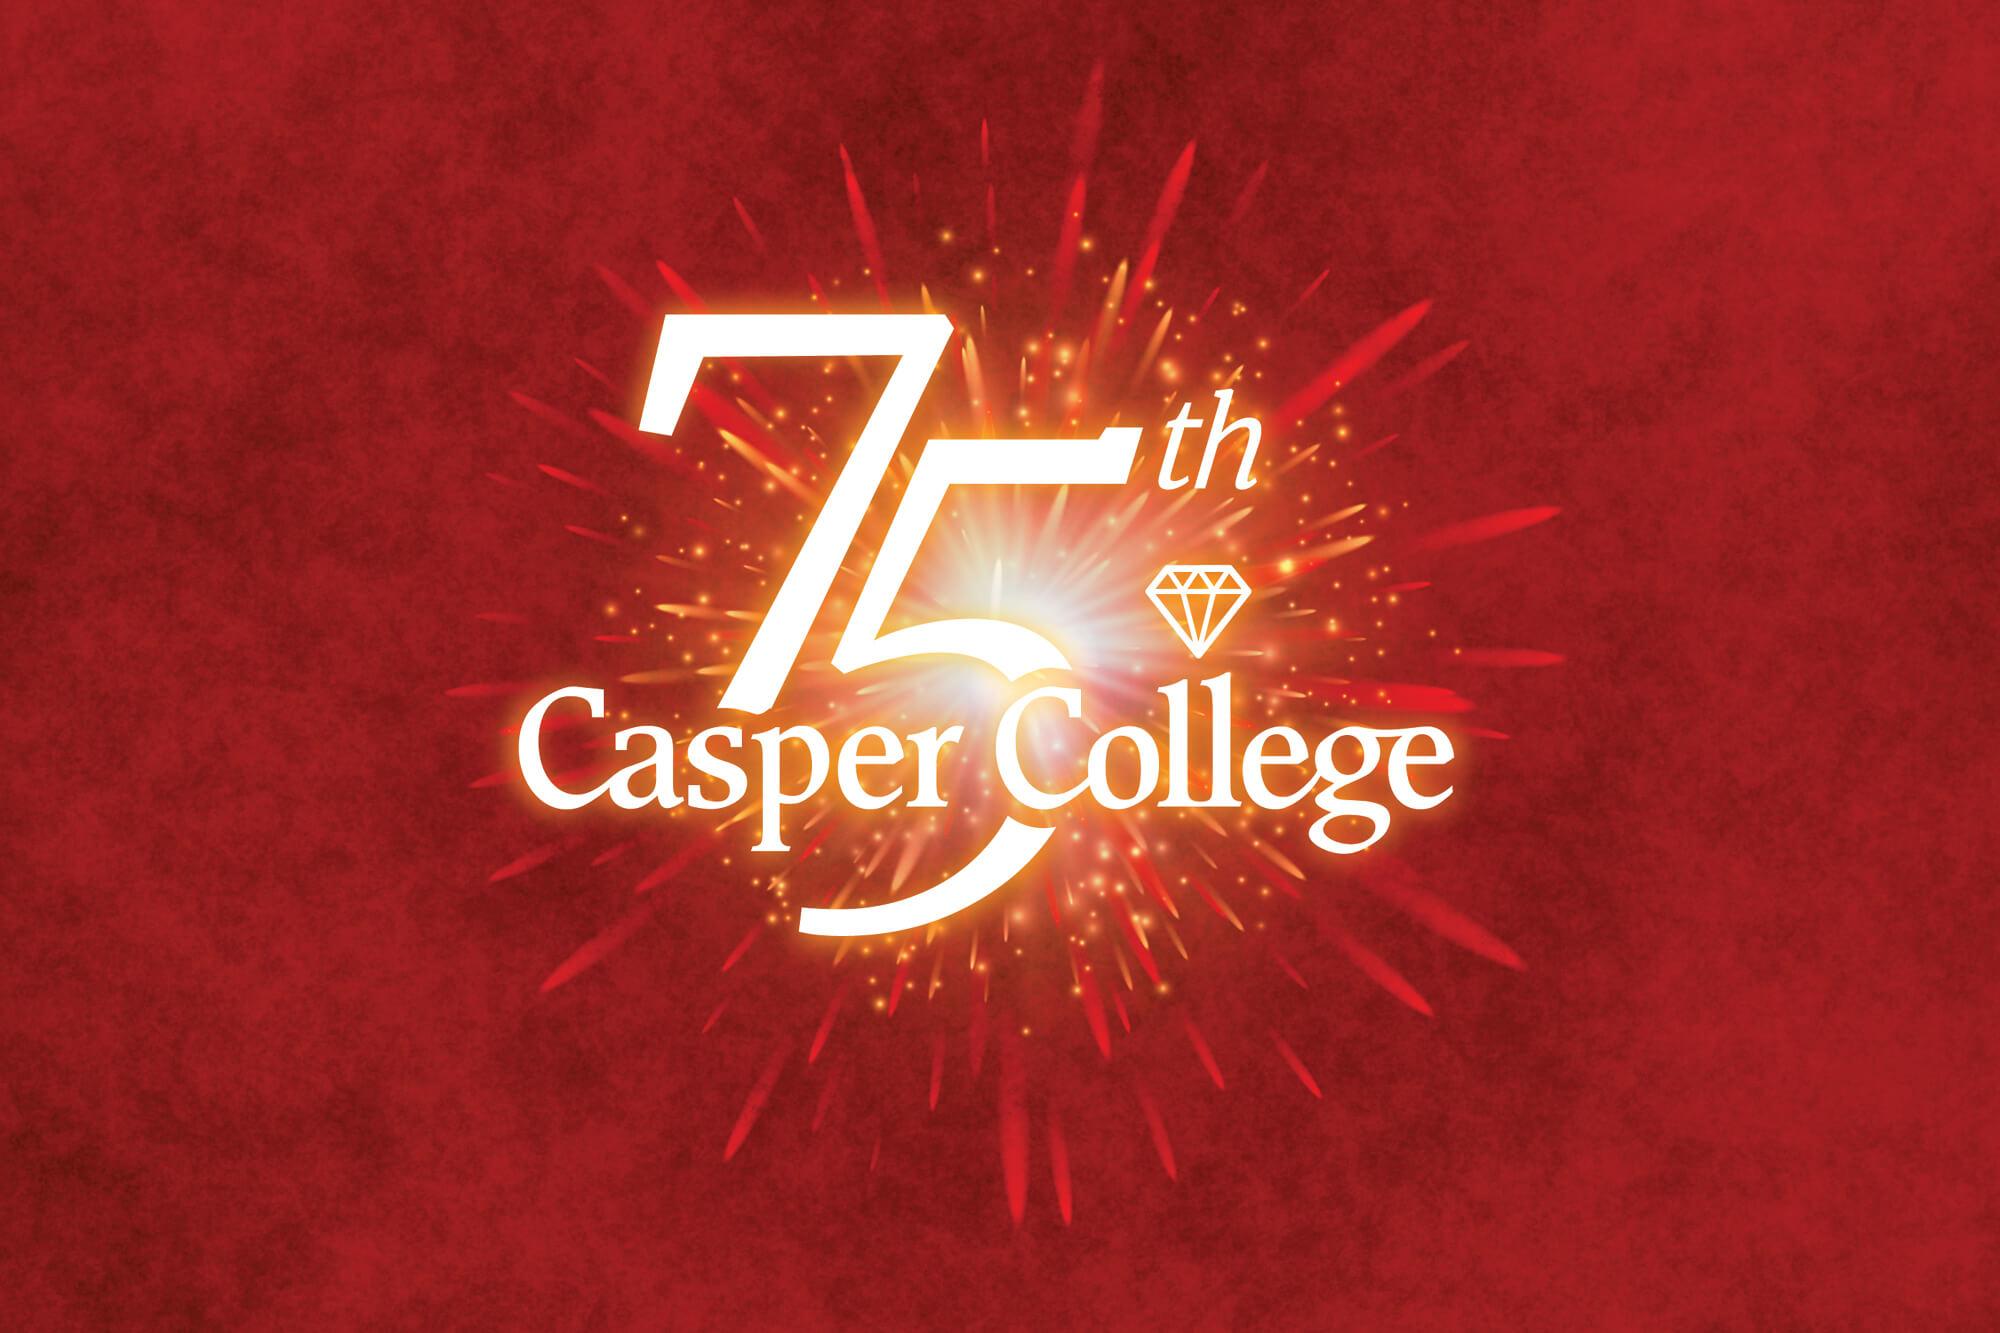 Casper College 75th Anniversary logo.